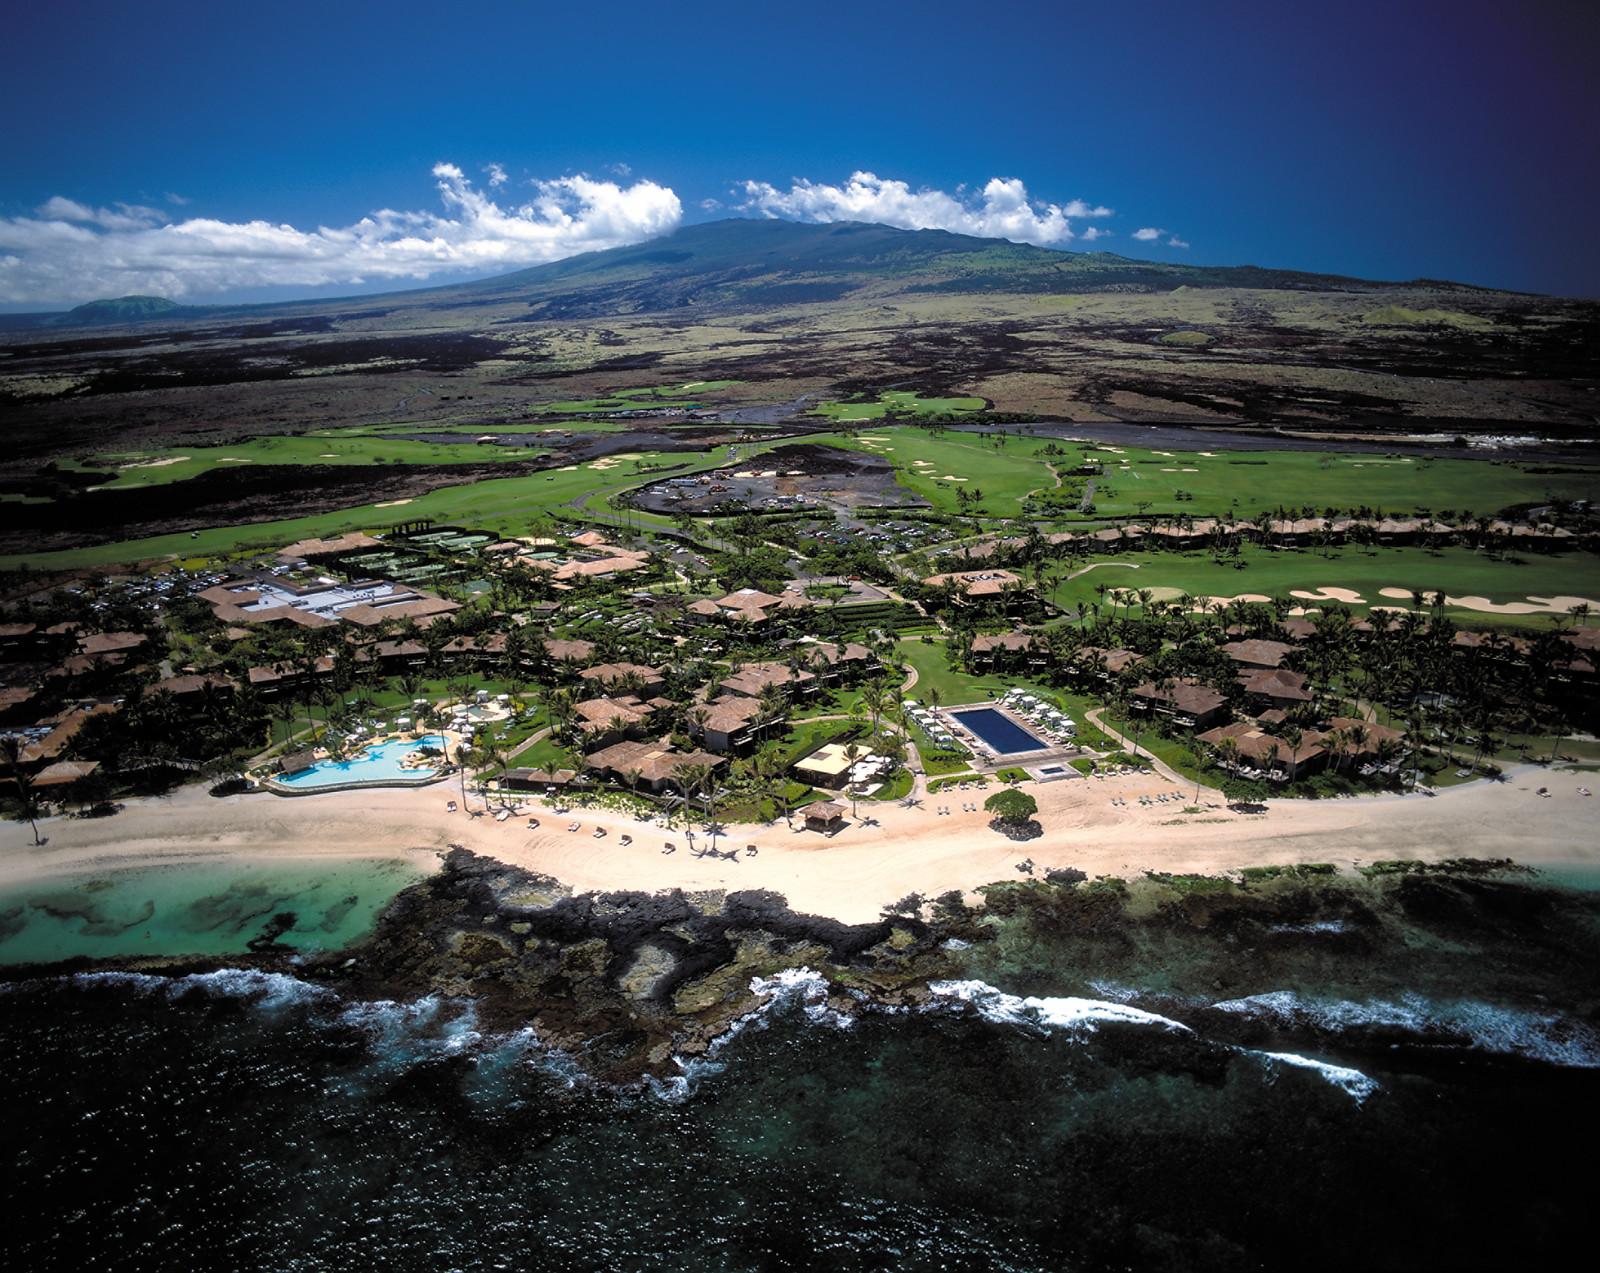 FS Hualalai Hawaii Island